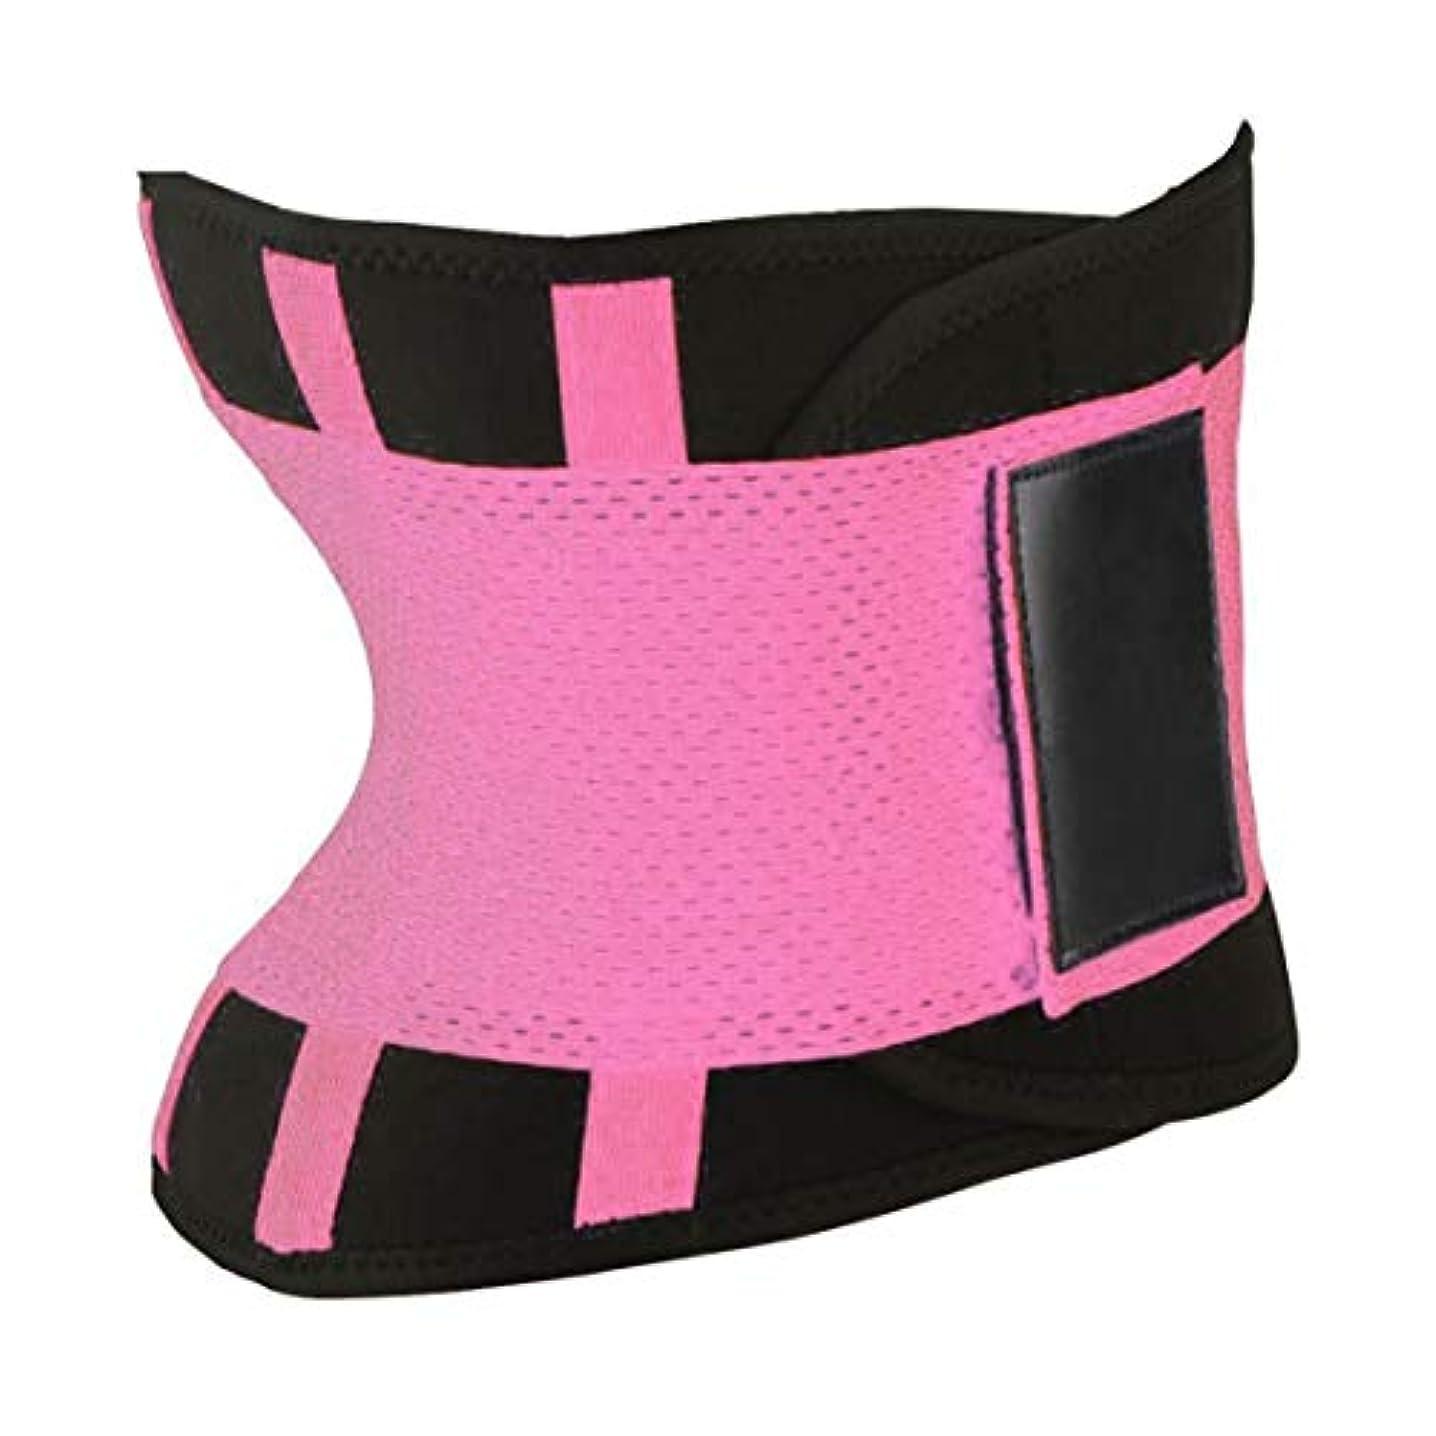 酸度することになっているキー快適な女性ボディシェイパー痩身シェイパーベルトスポーツ女性ウエストトレーナーニッパー制御バーニングボディおなかベルト - ピンクM